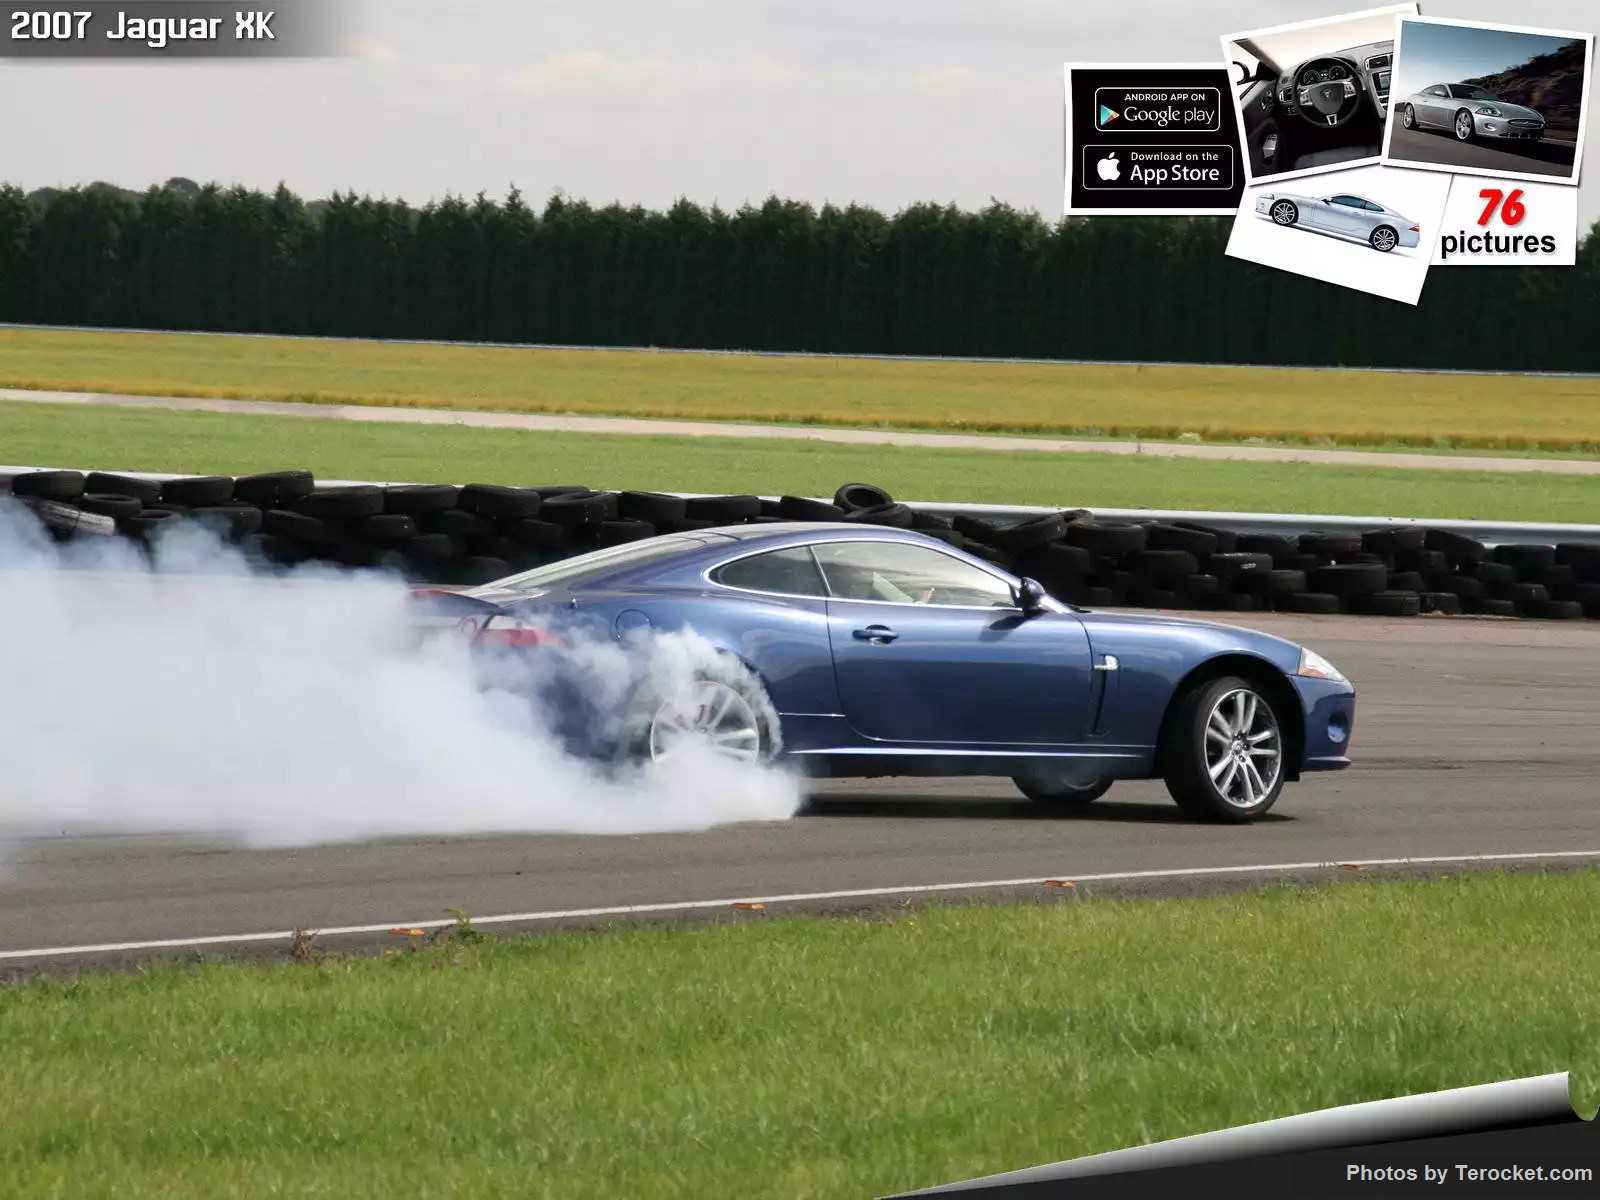 Hình ảnh xe ô tô Jaguar XK 2007 & nội ngoại thất